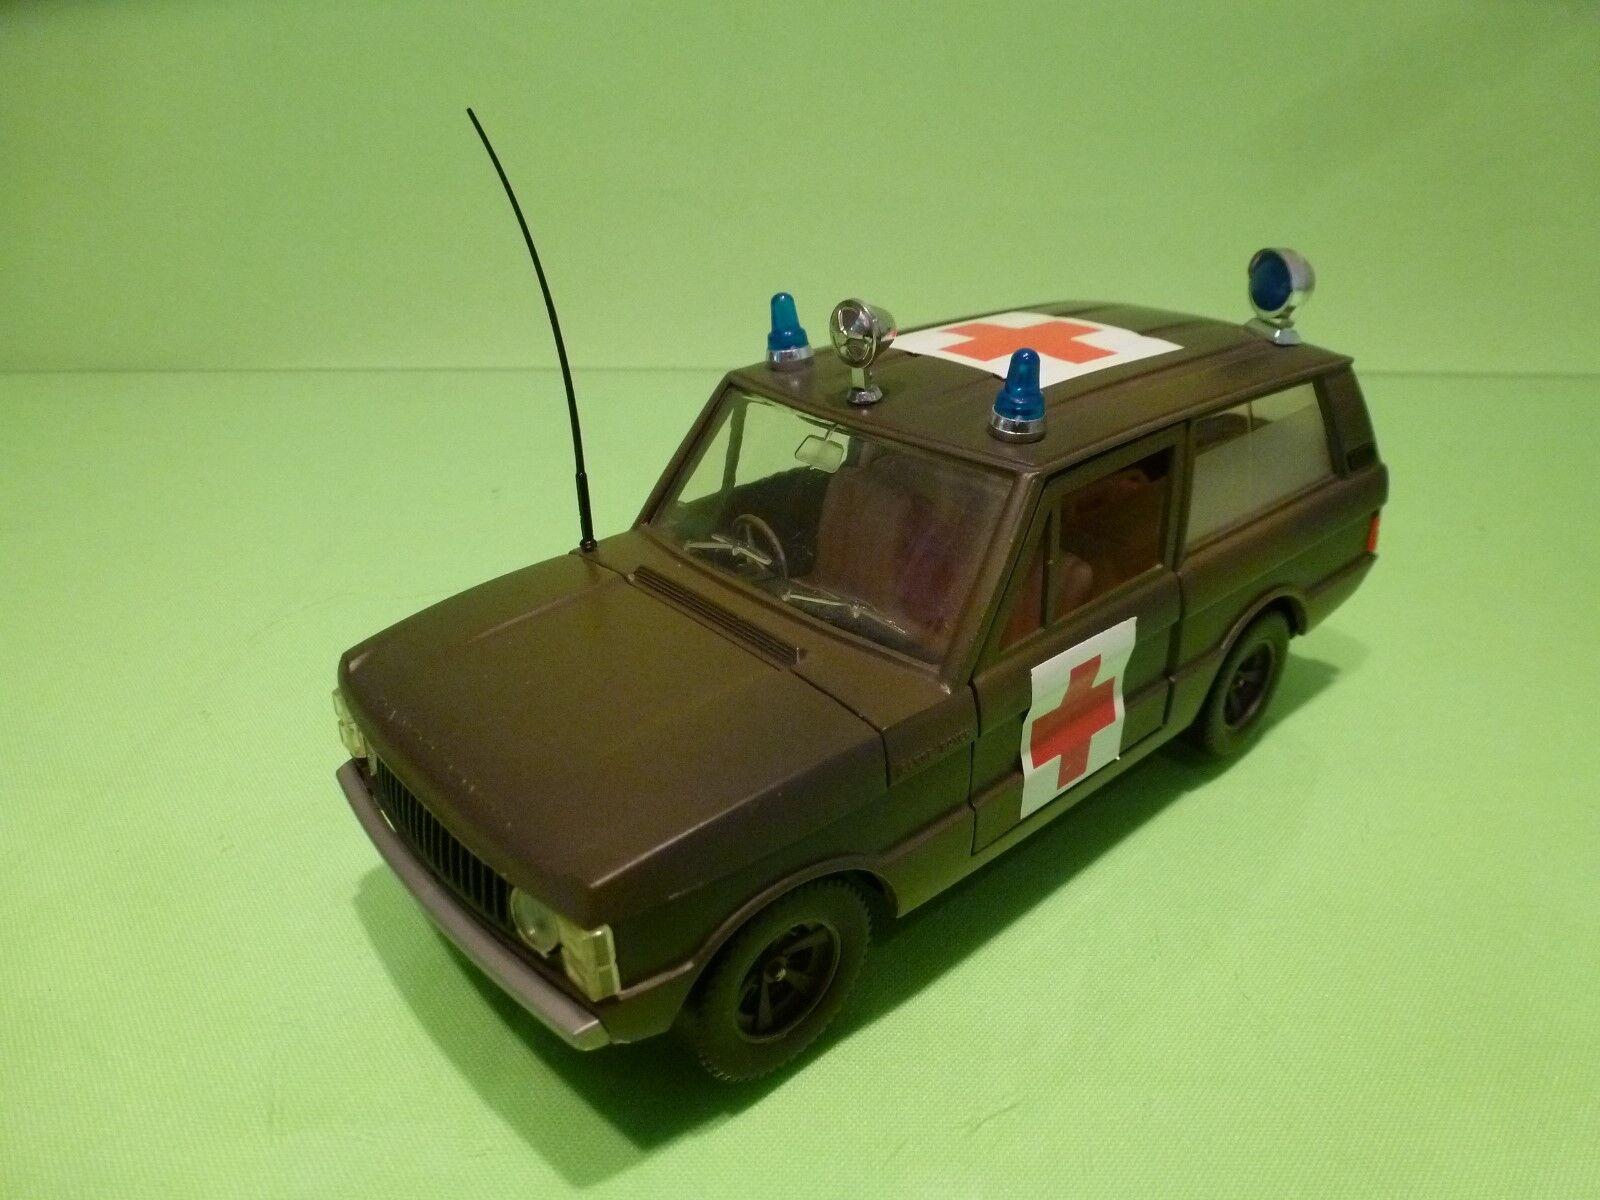 Bburago 24 range rover militärische krankenwagen - sehr selten - in gutem zustand